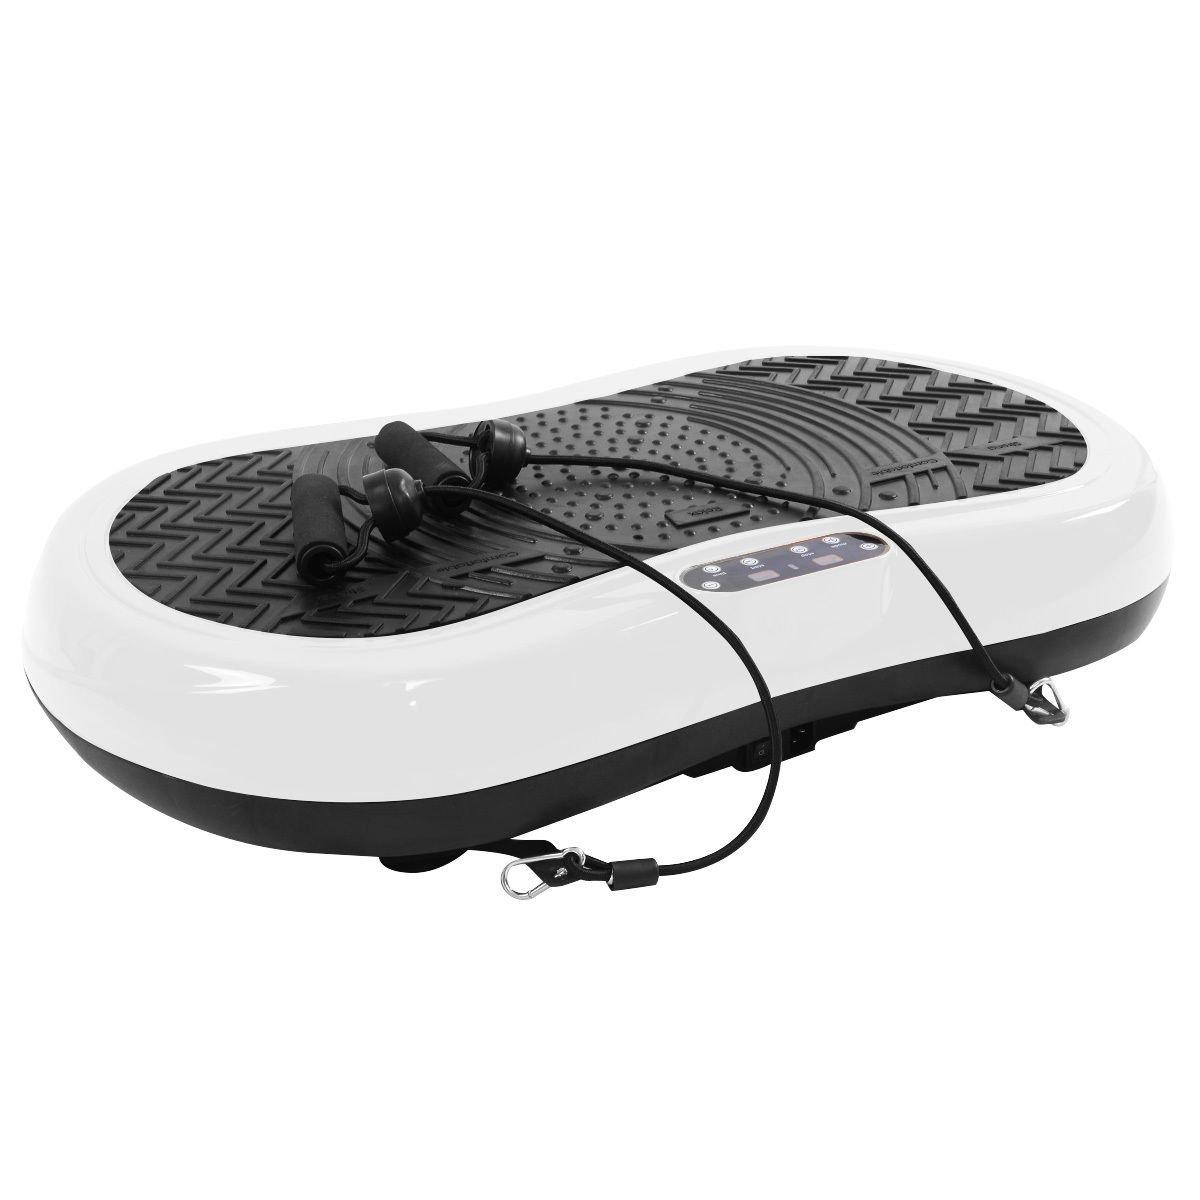 Tangkula Ultrathin Mini Crazy Fit Vibration Platform Massage Machine Fitness Gym (White) by Tangkula (Image #4)